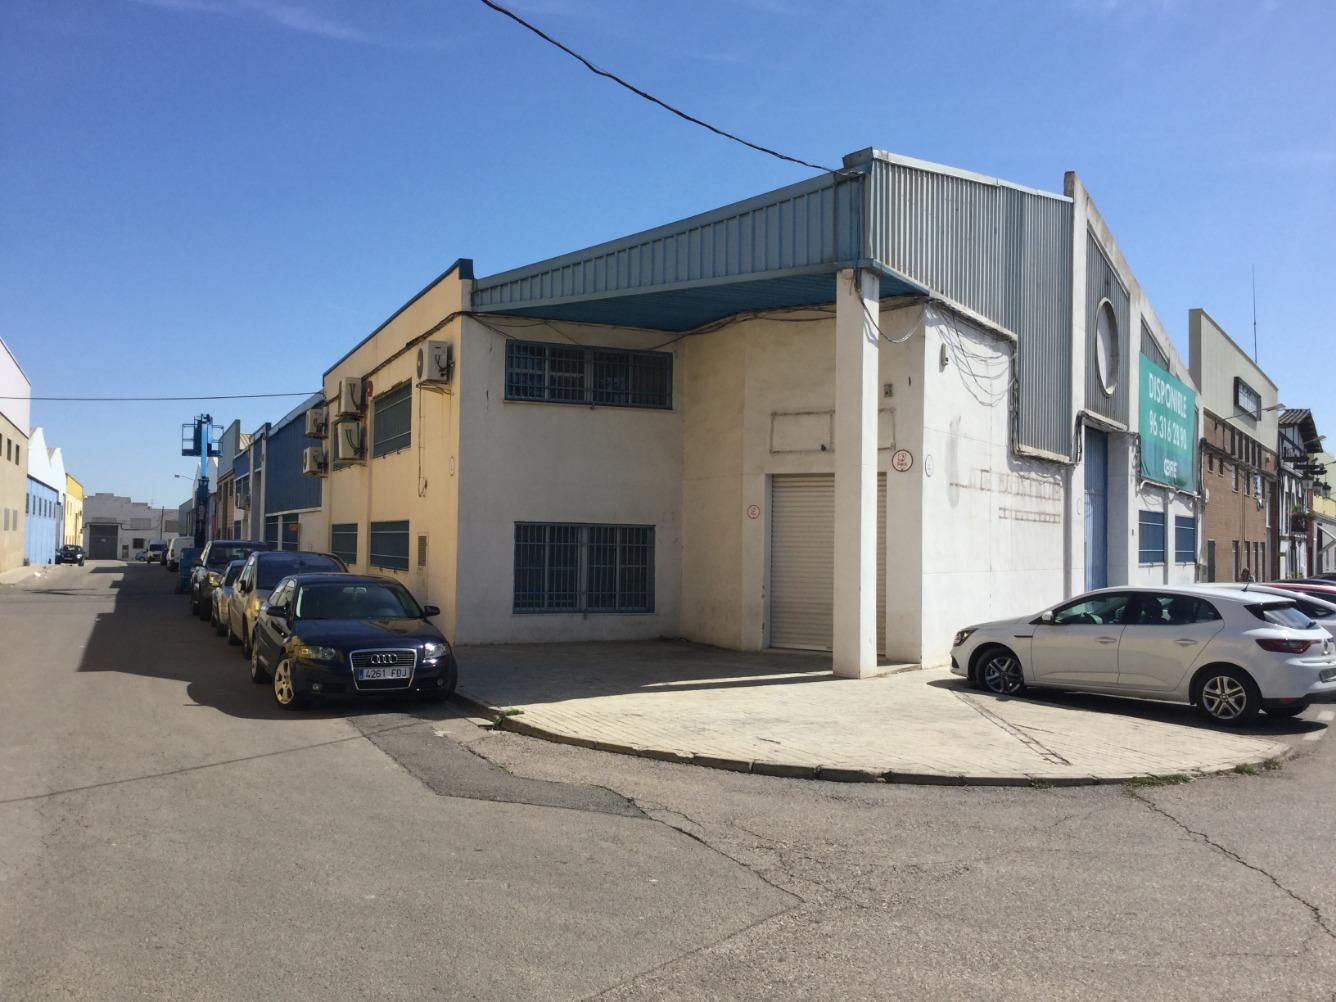 Affitto Capannone industriale  Cuesta aeropuerto. Nave comercial con oficinas en 1a linea de la carretera de aerop